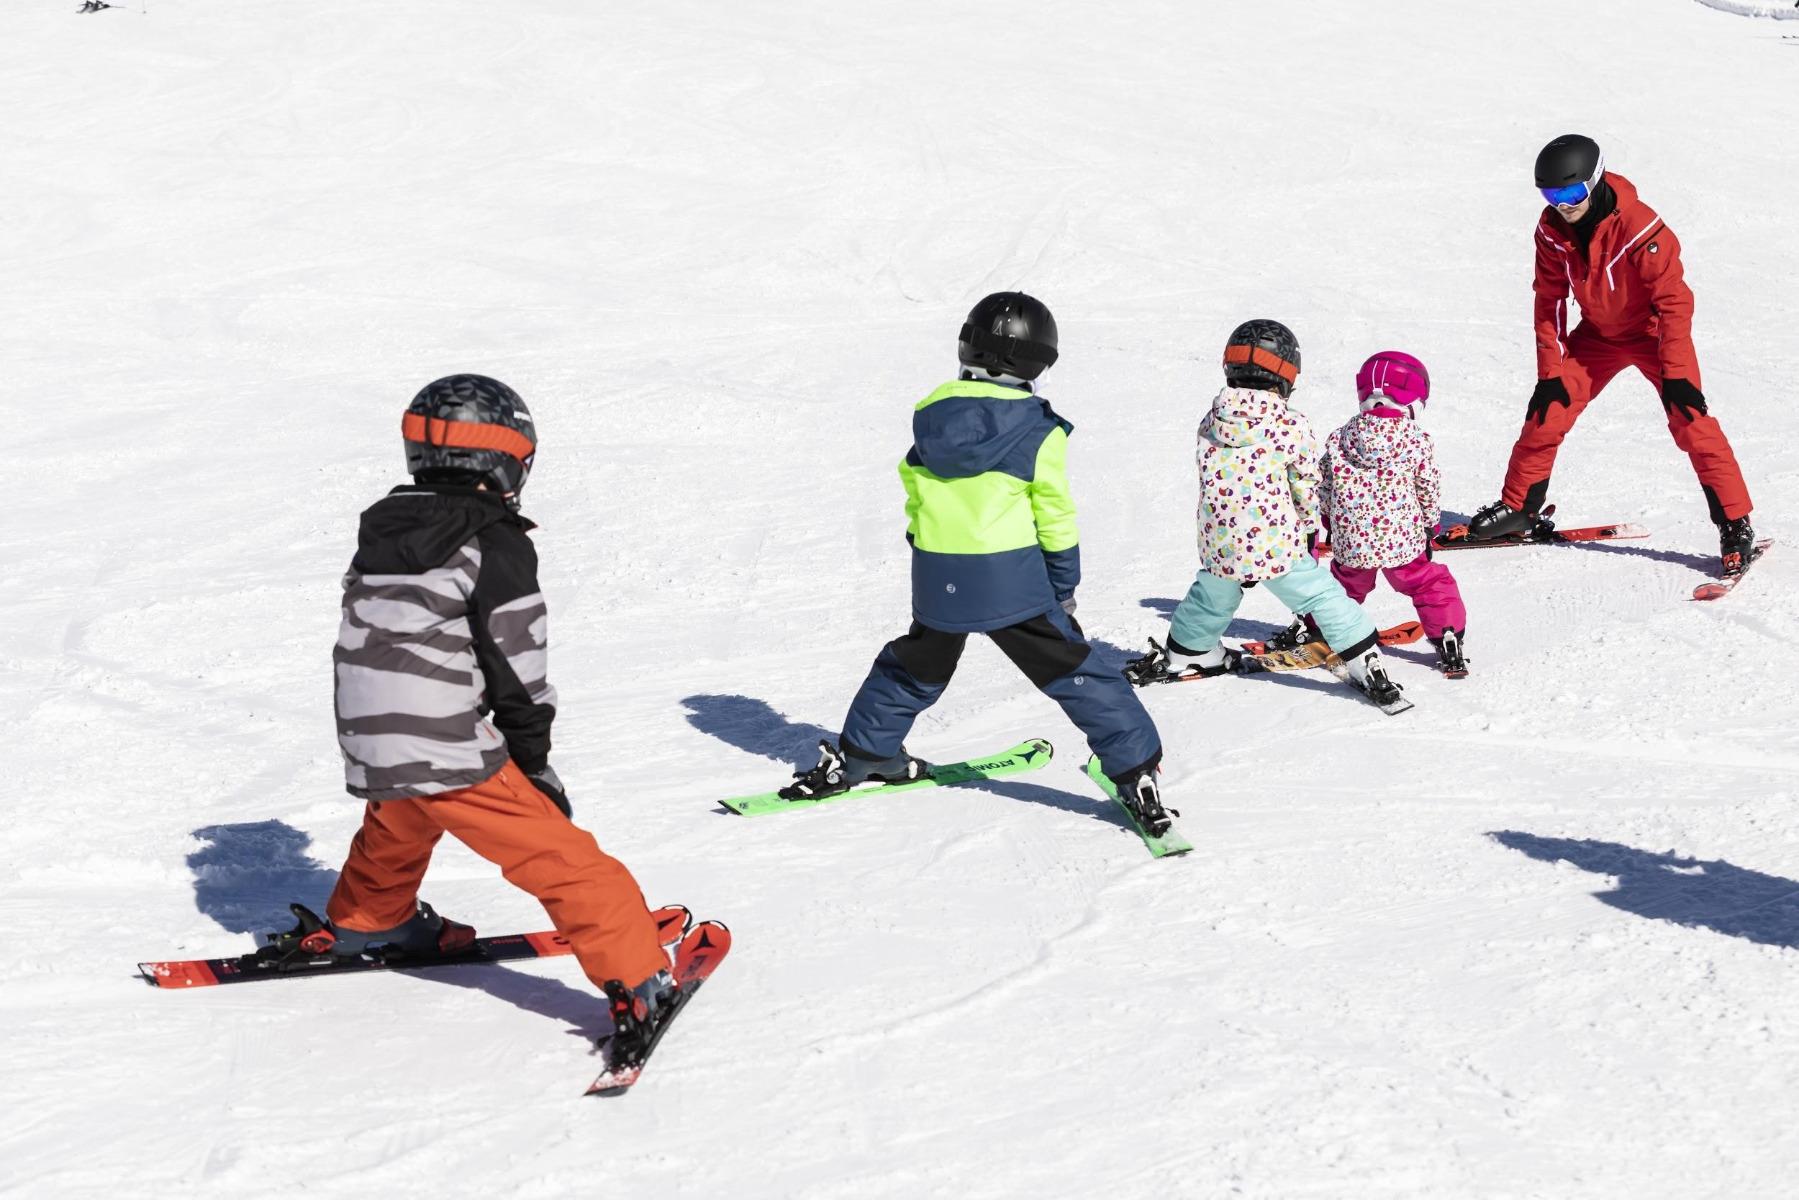 Längere Skikurse überzeugen oft durch ein besseres Preis-Leistungs-Verhältnis